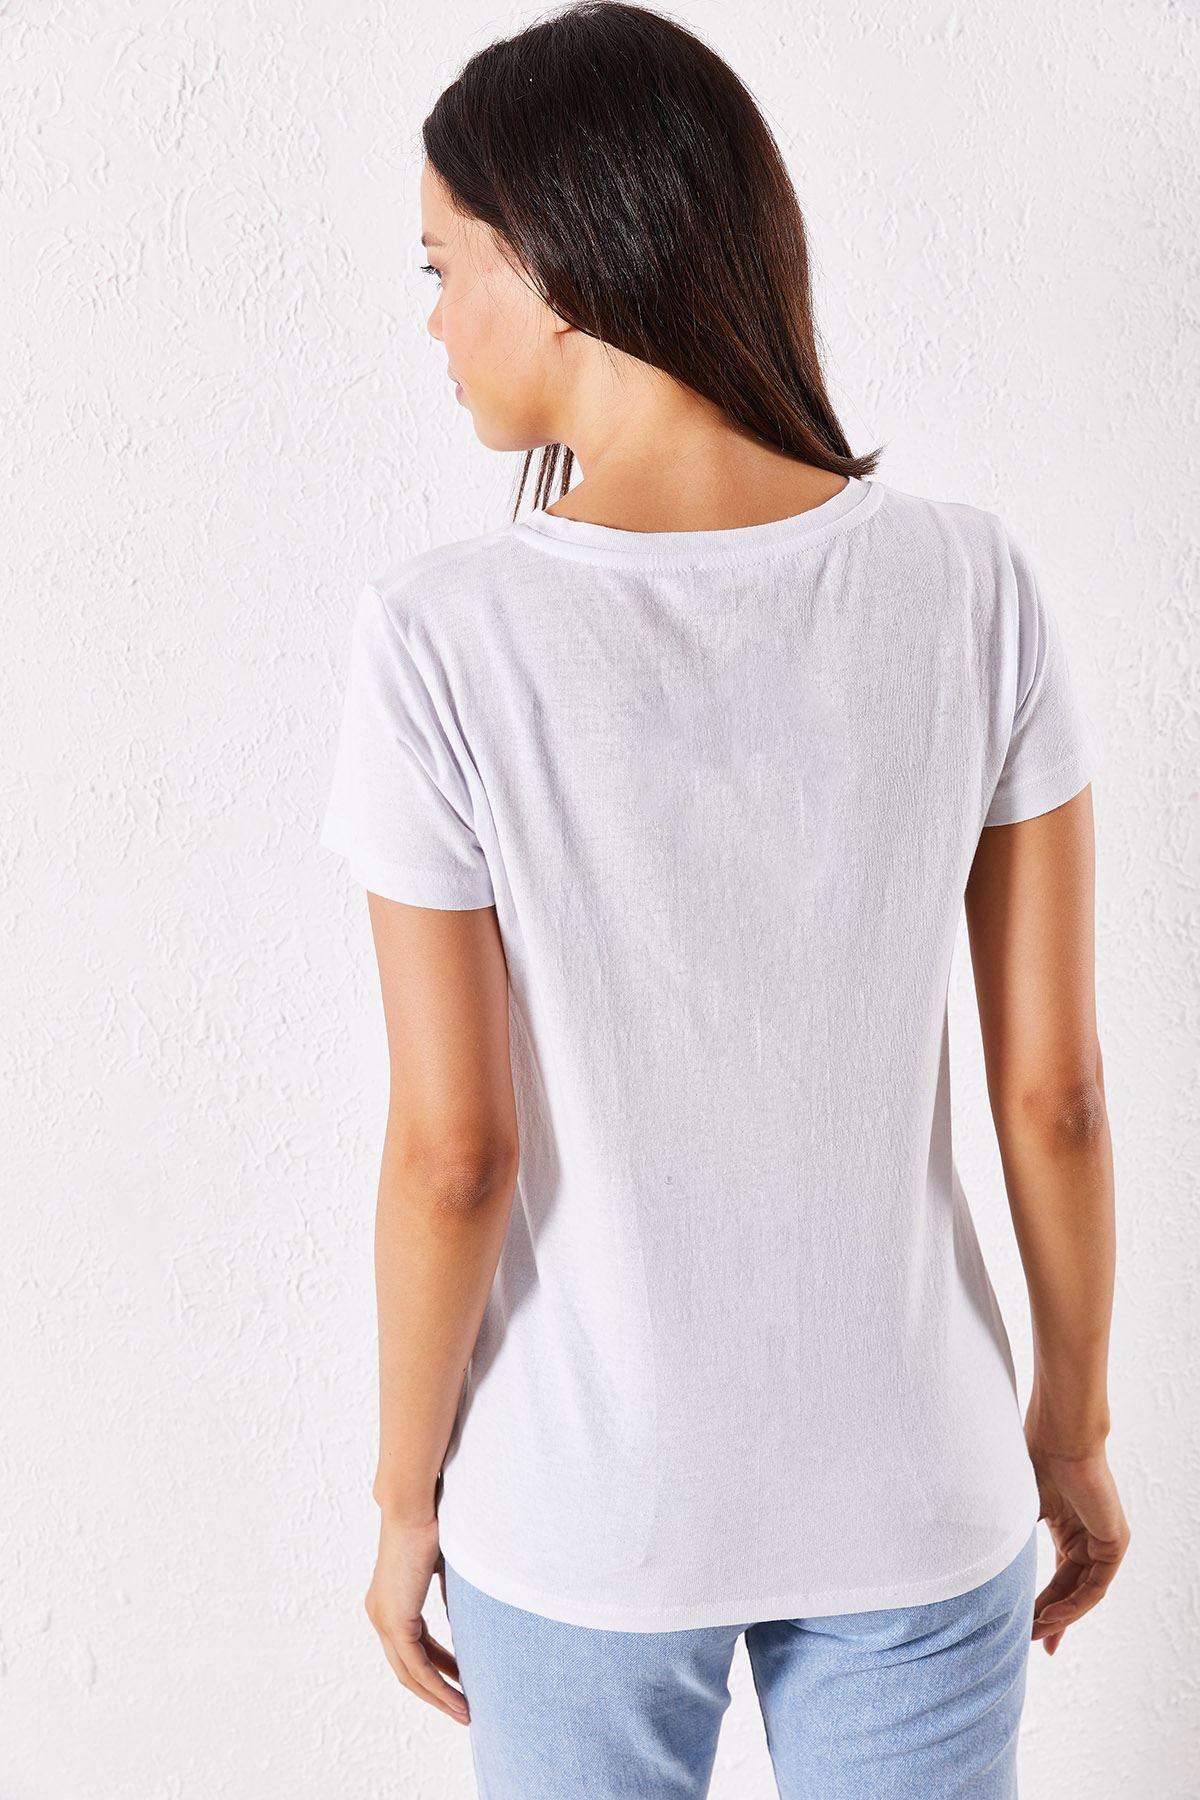 Kadın Eşli Wifi Baskılı Beyaz Tişört